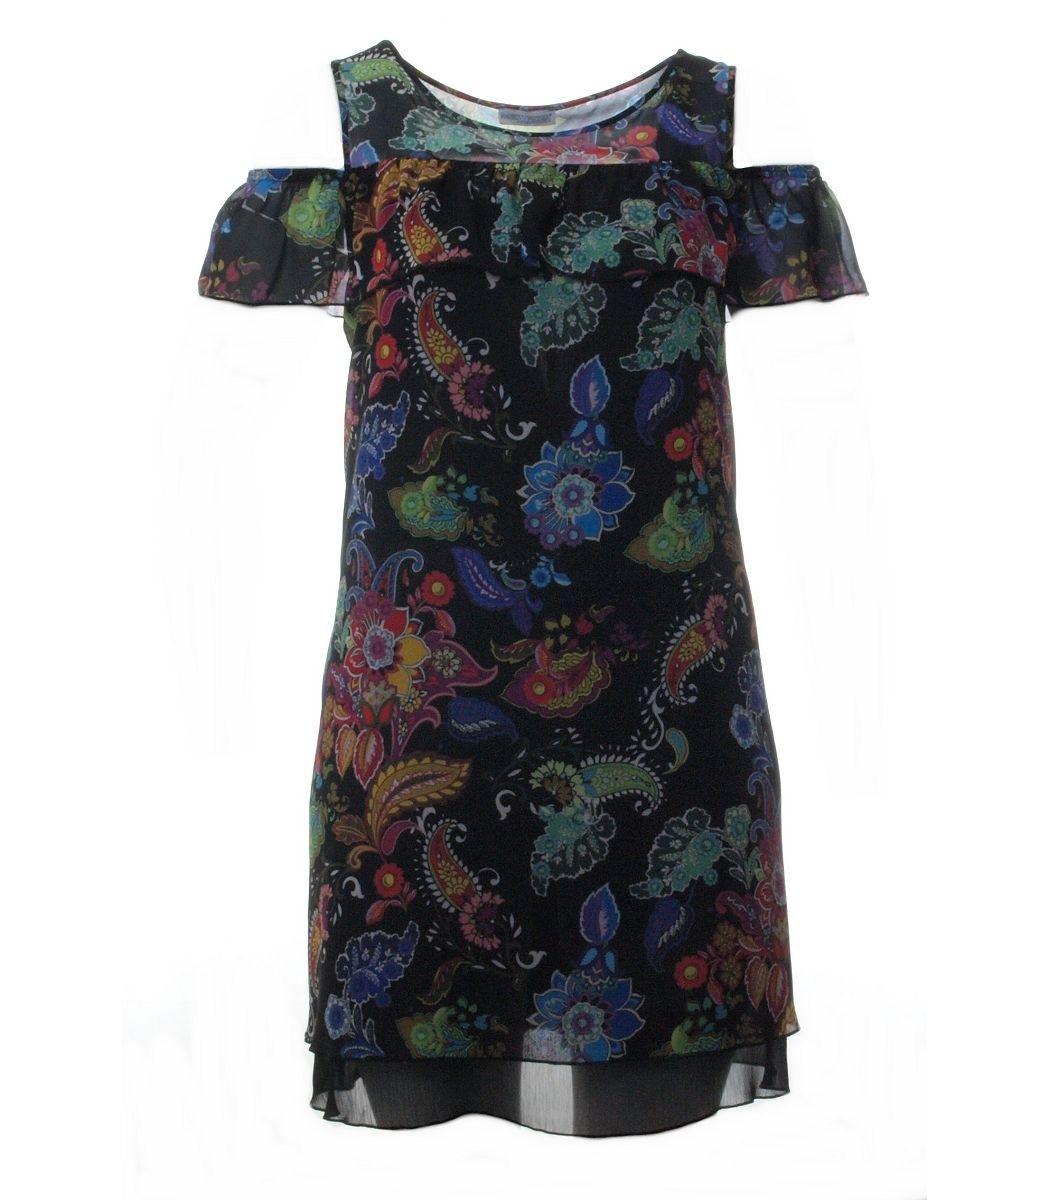 Einfach Sommerkleid Schwarz BoutiqueFormal Wunderbar Sommerkleid Schwarz Stylish